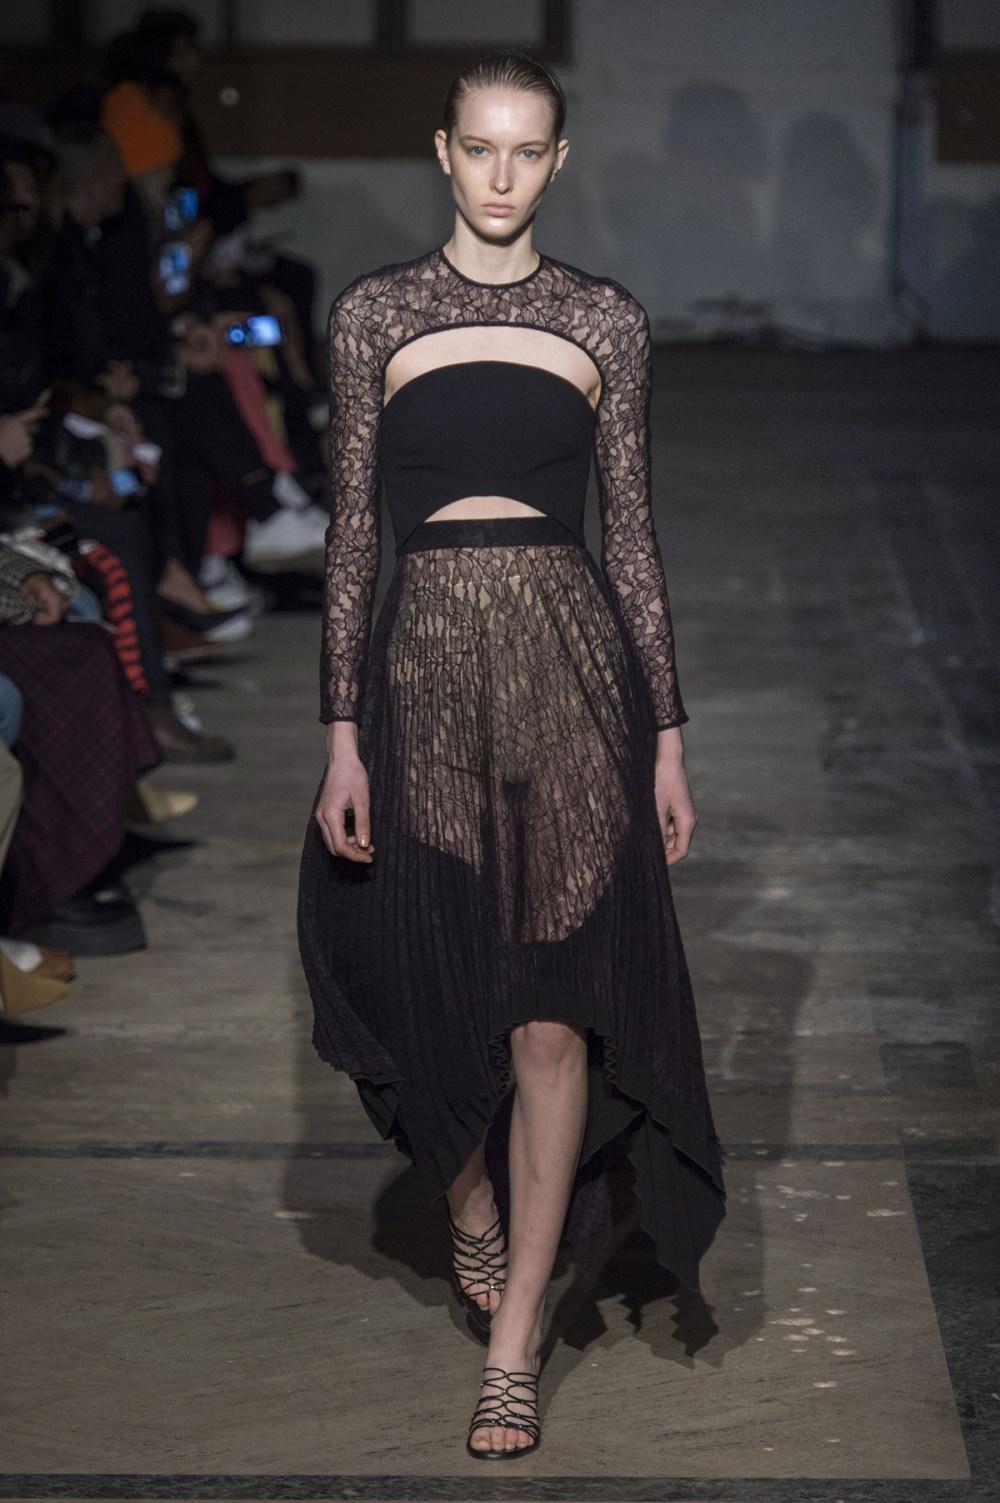 Dion Lee没有紧身衣的连衣裙被聚集或扭曲保持调色板的简约和奢华-32.jpg